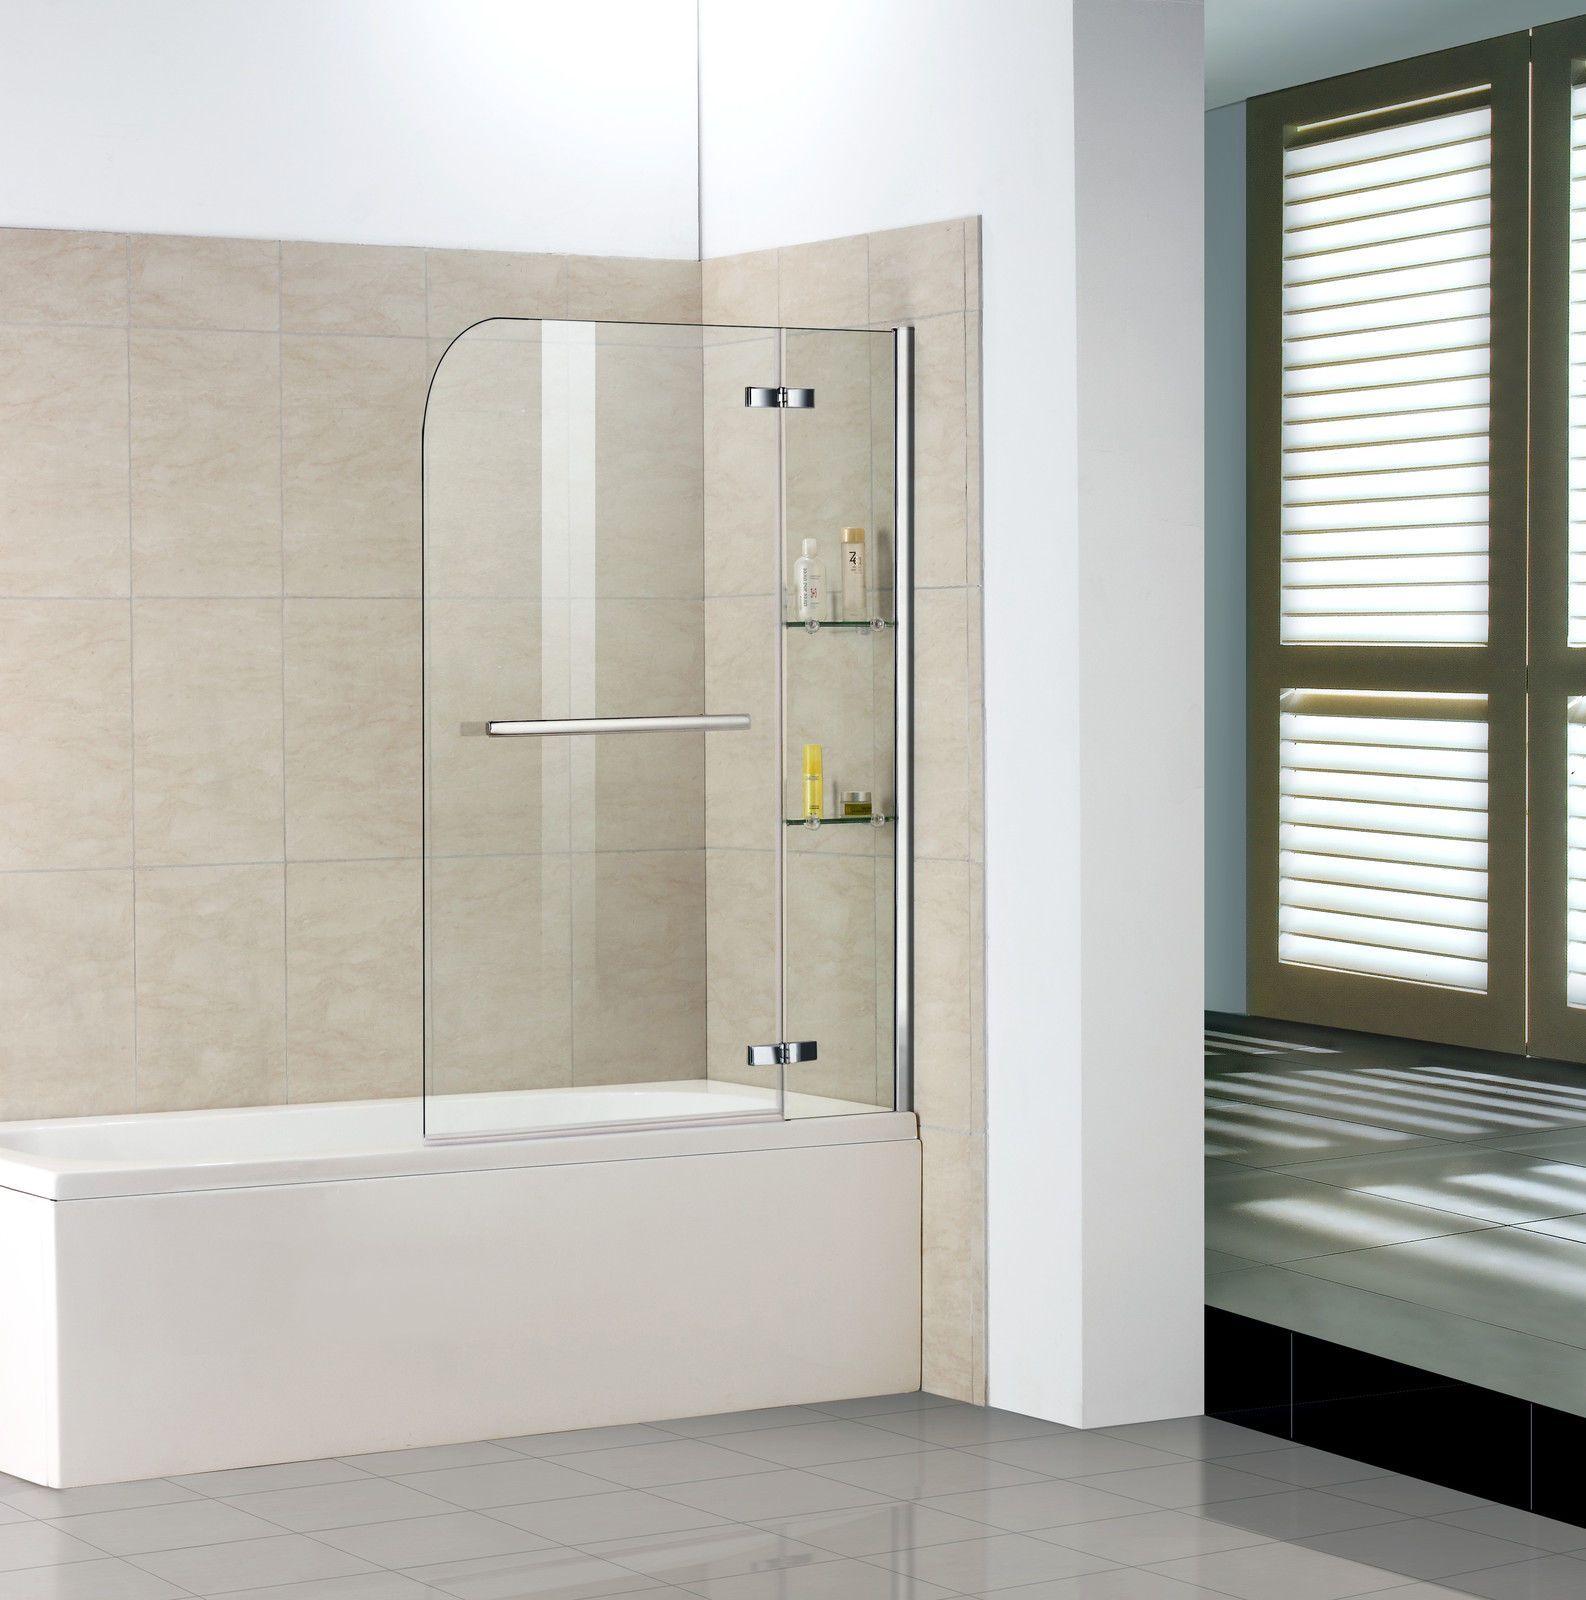 100x140cm badewanne dusche aufsatz duschwand trennwand duschabtrennung ebay badezimmer - Duschkabine selber bauen ...